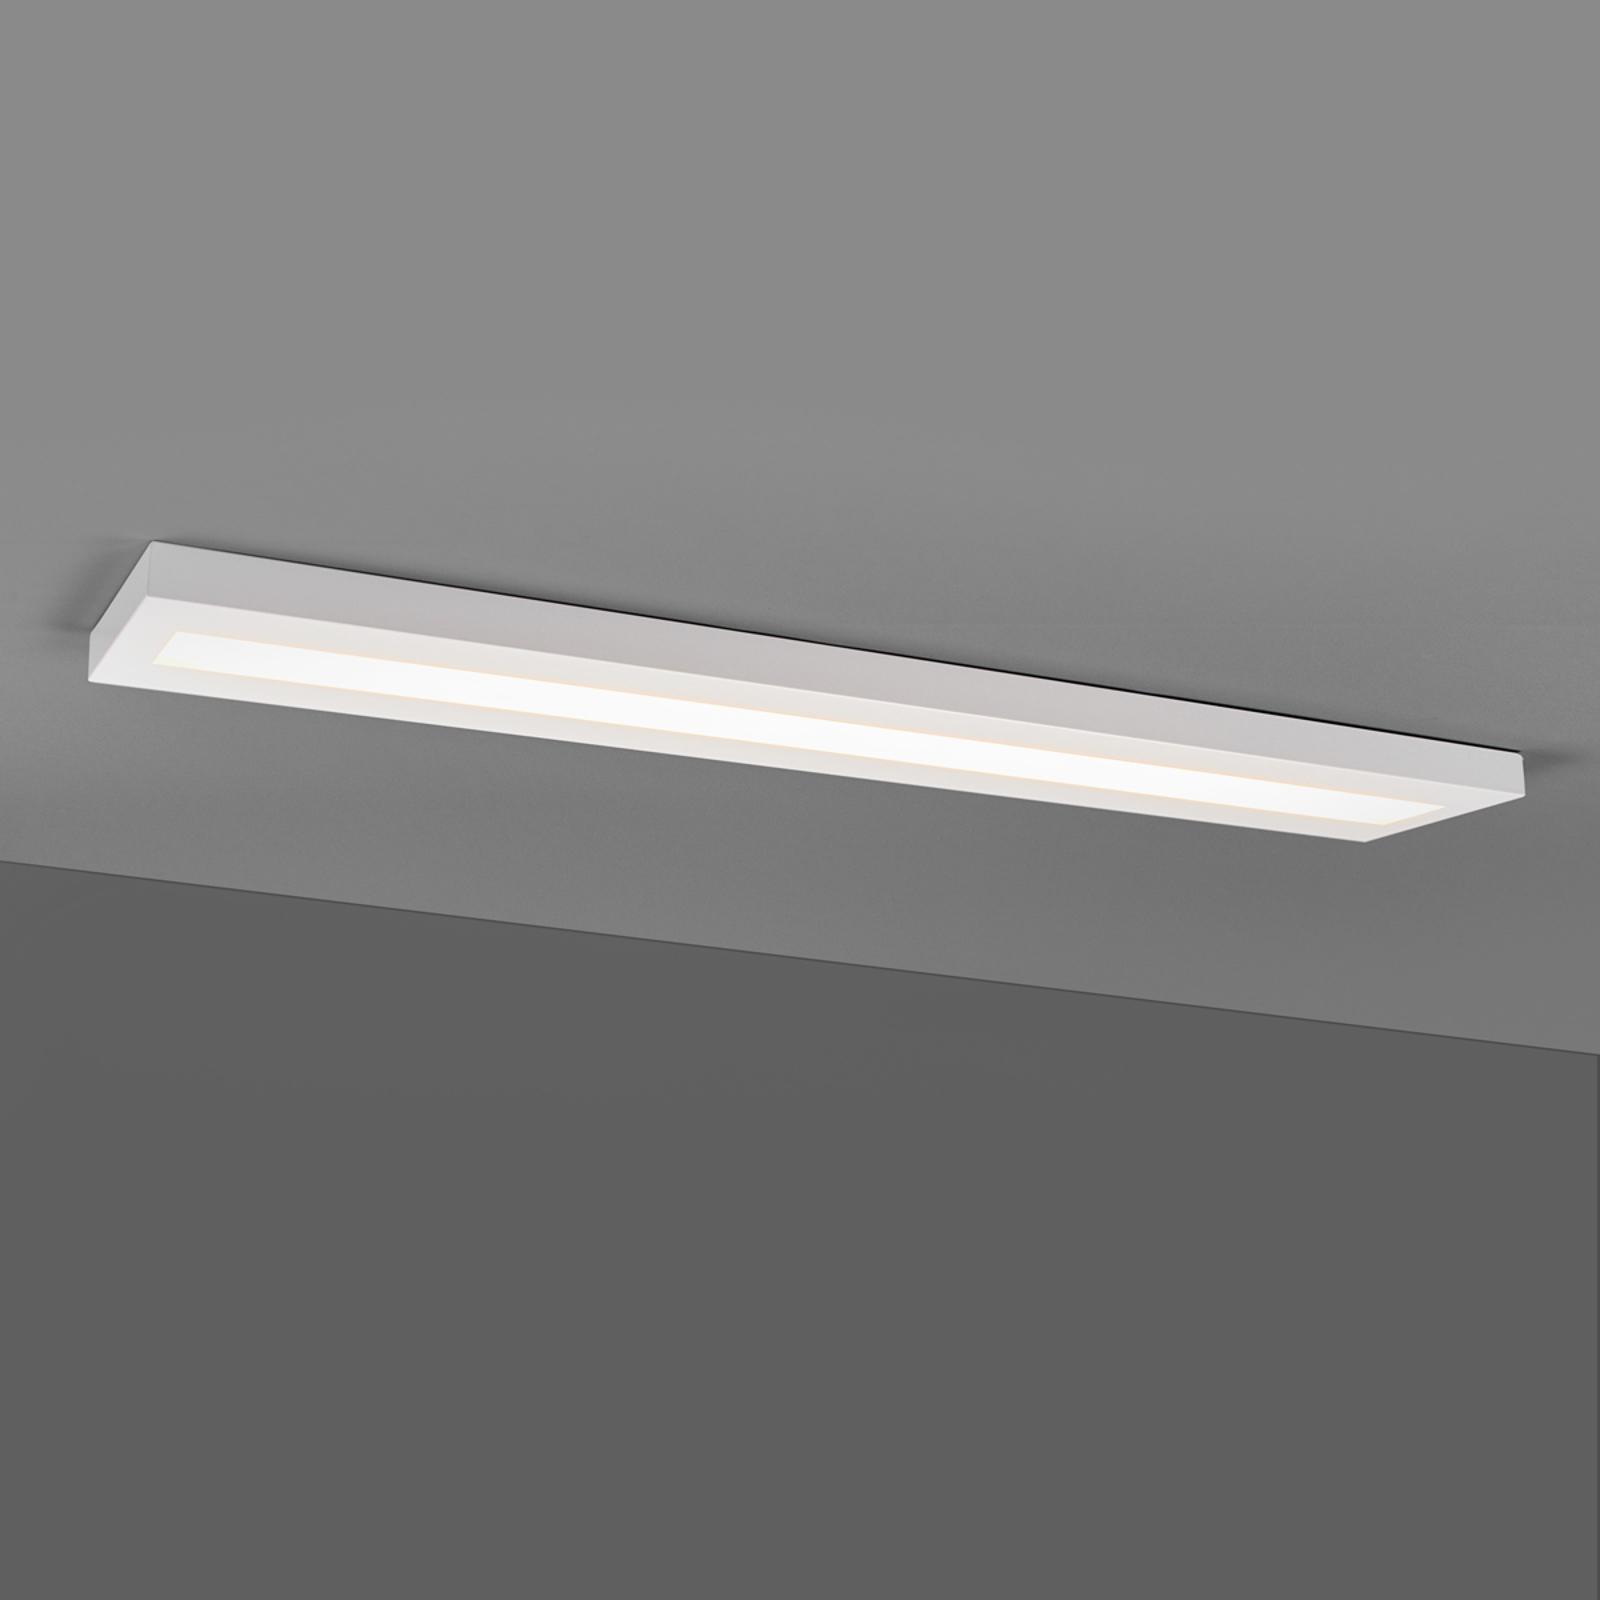 Pitkulainen pinta-asennettava LED-valaisin 36W